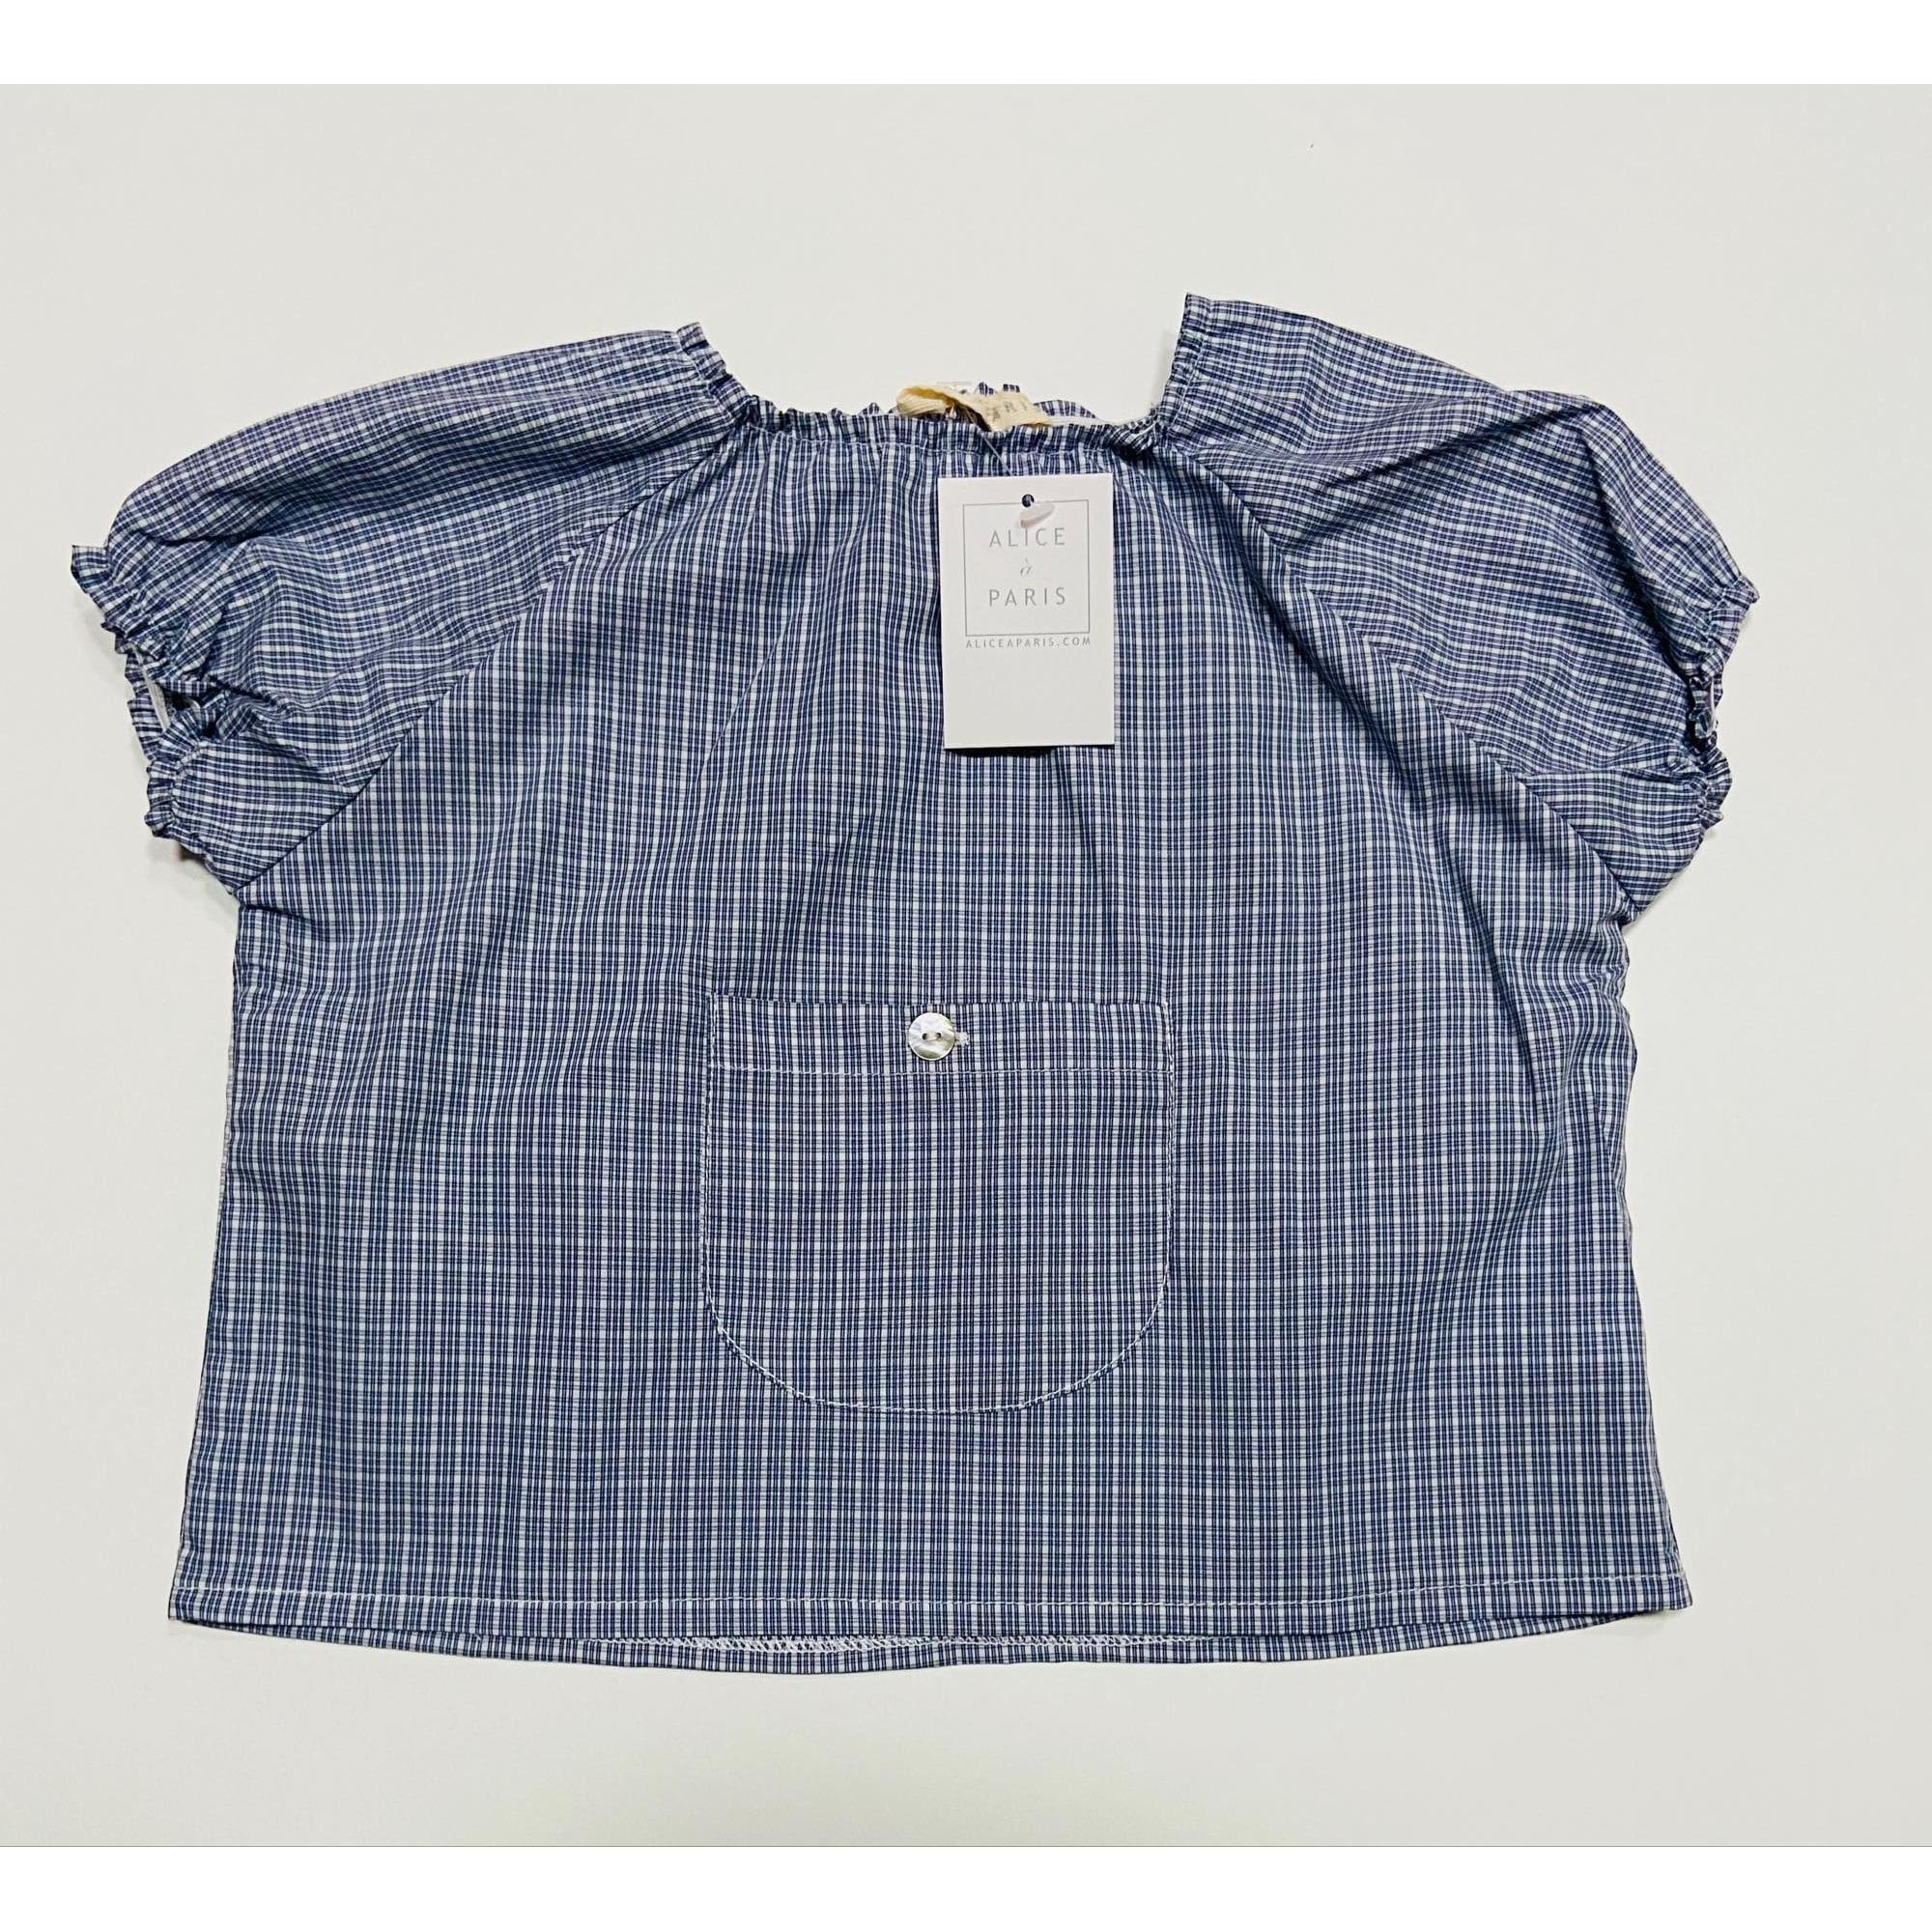 Top, tee shirt ALICE A PARIS Carreaux blanc bleu